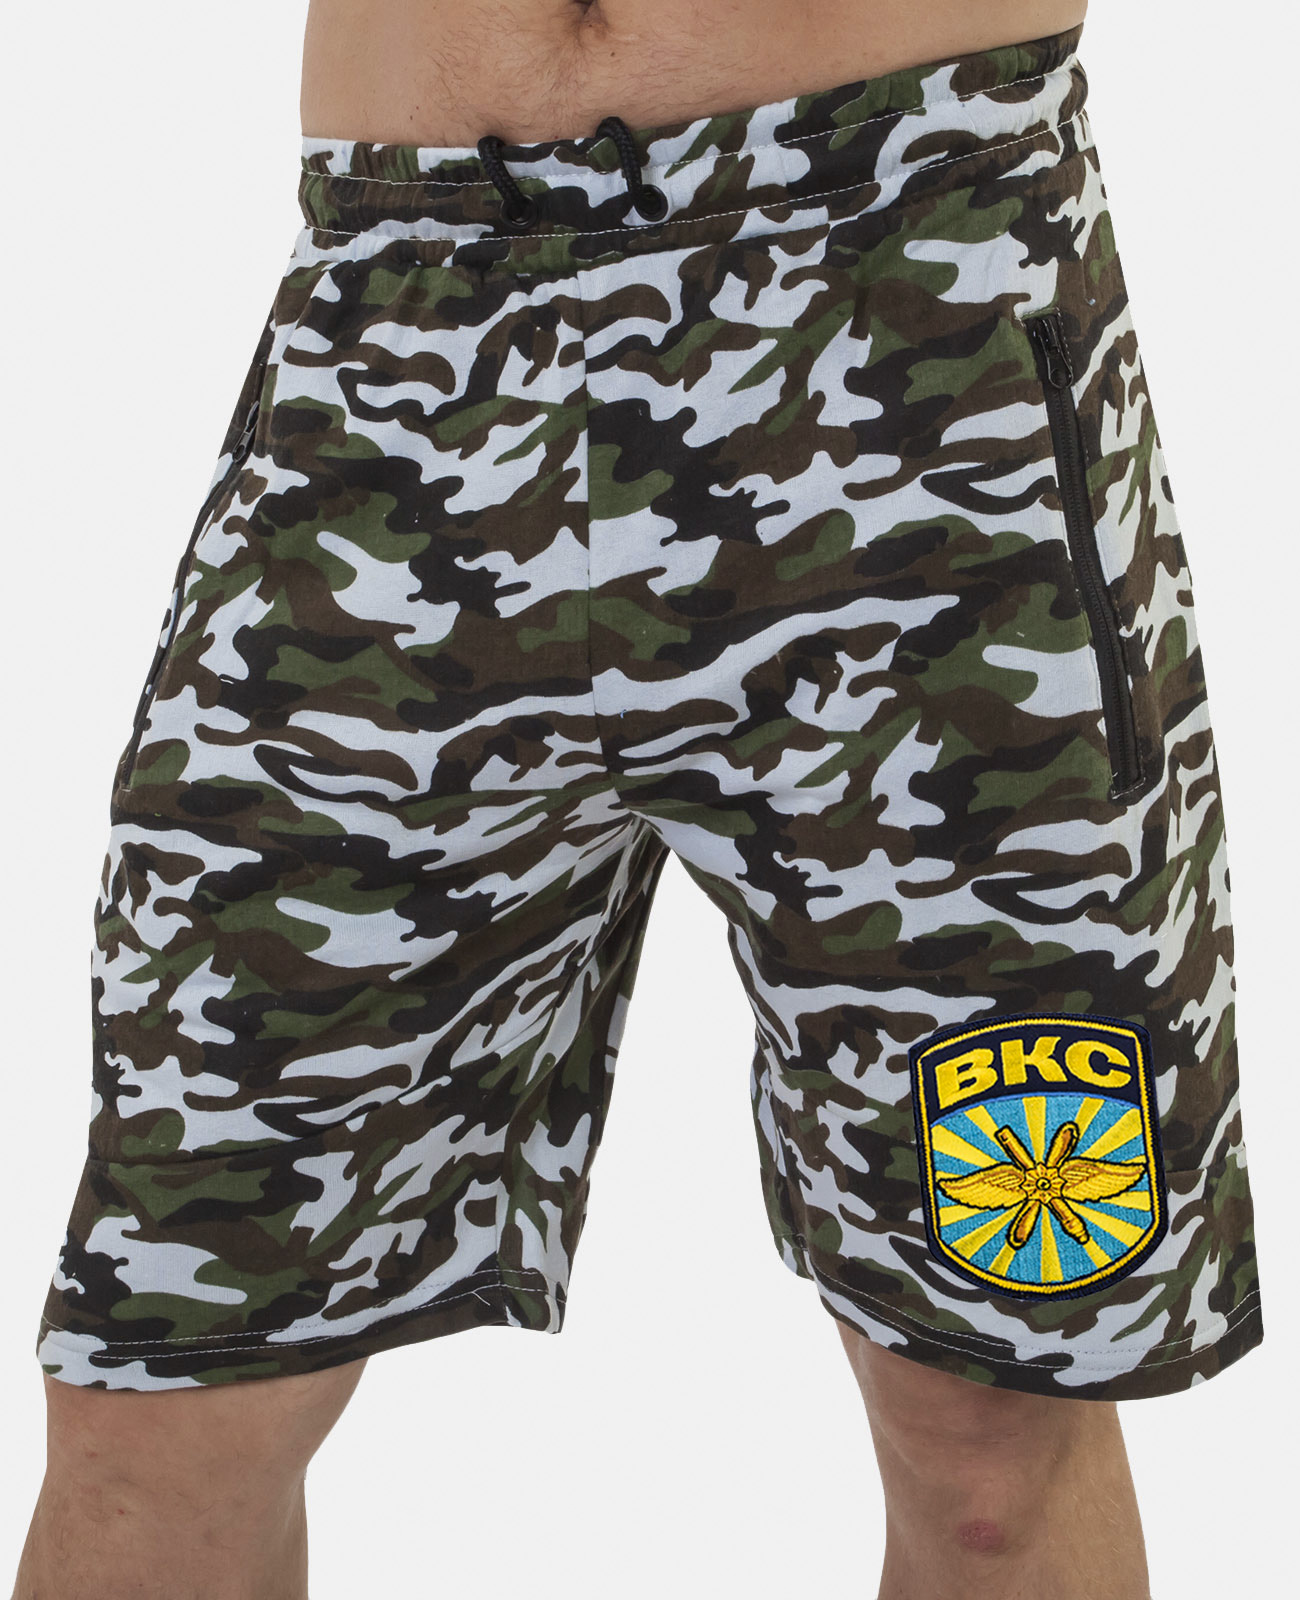 Купить мужские милитари шорты с нашивкой ВКС с доставкой онлайн